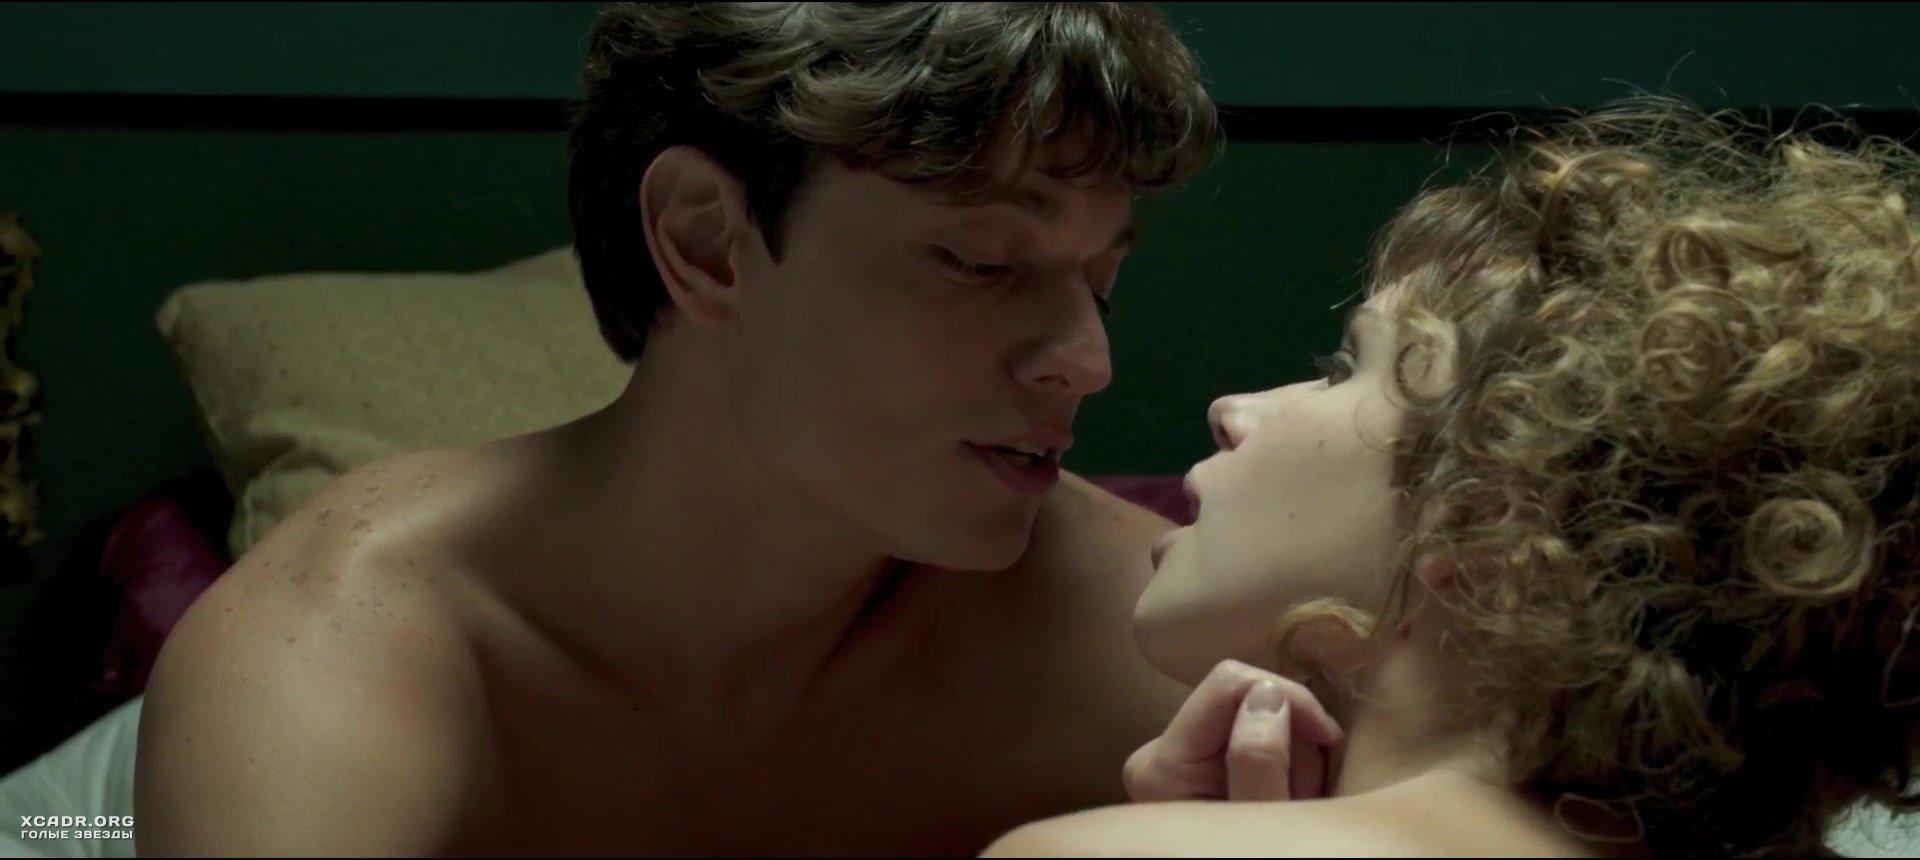 Эротическая Сцена С Бруной Линзмейер – Шоу Мистико (2020)